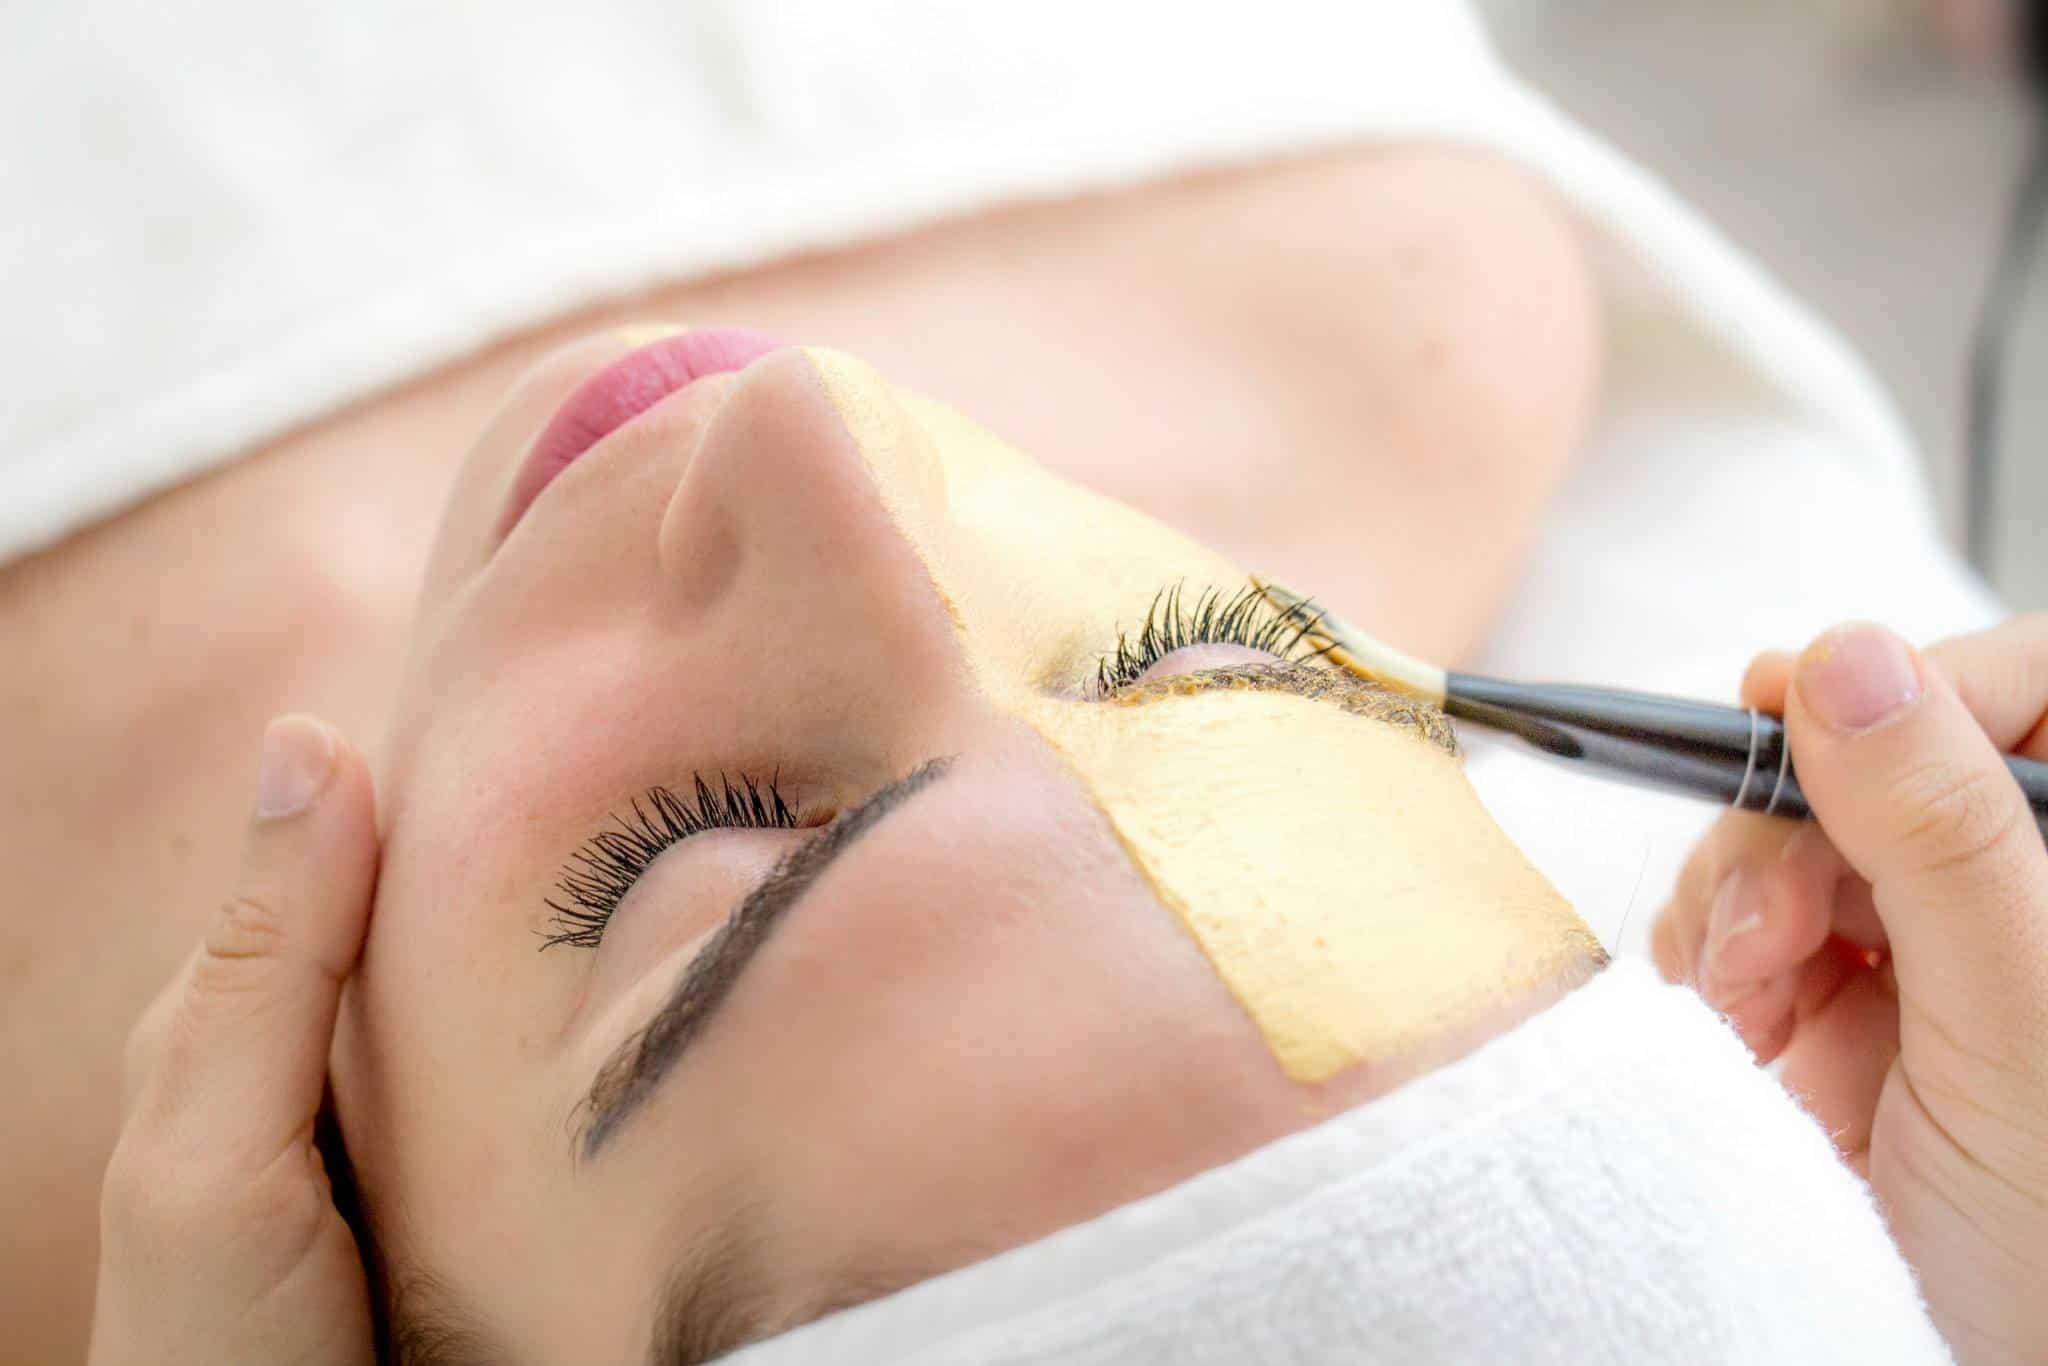 טיפול פנים אקספרס 4 טיפול פנים אקספרס